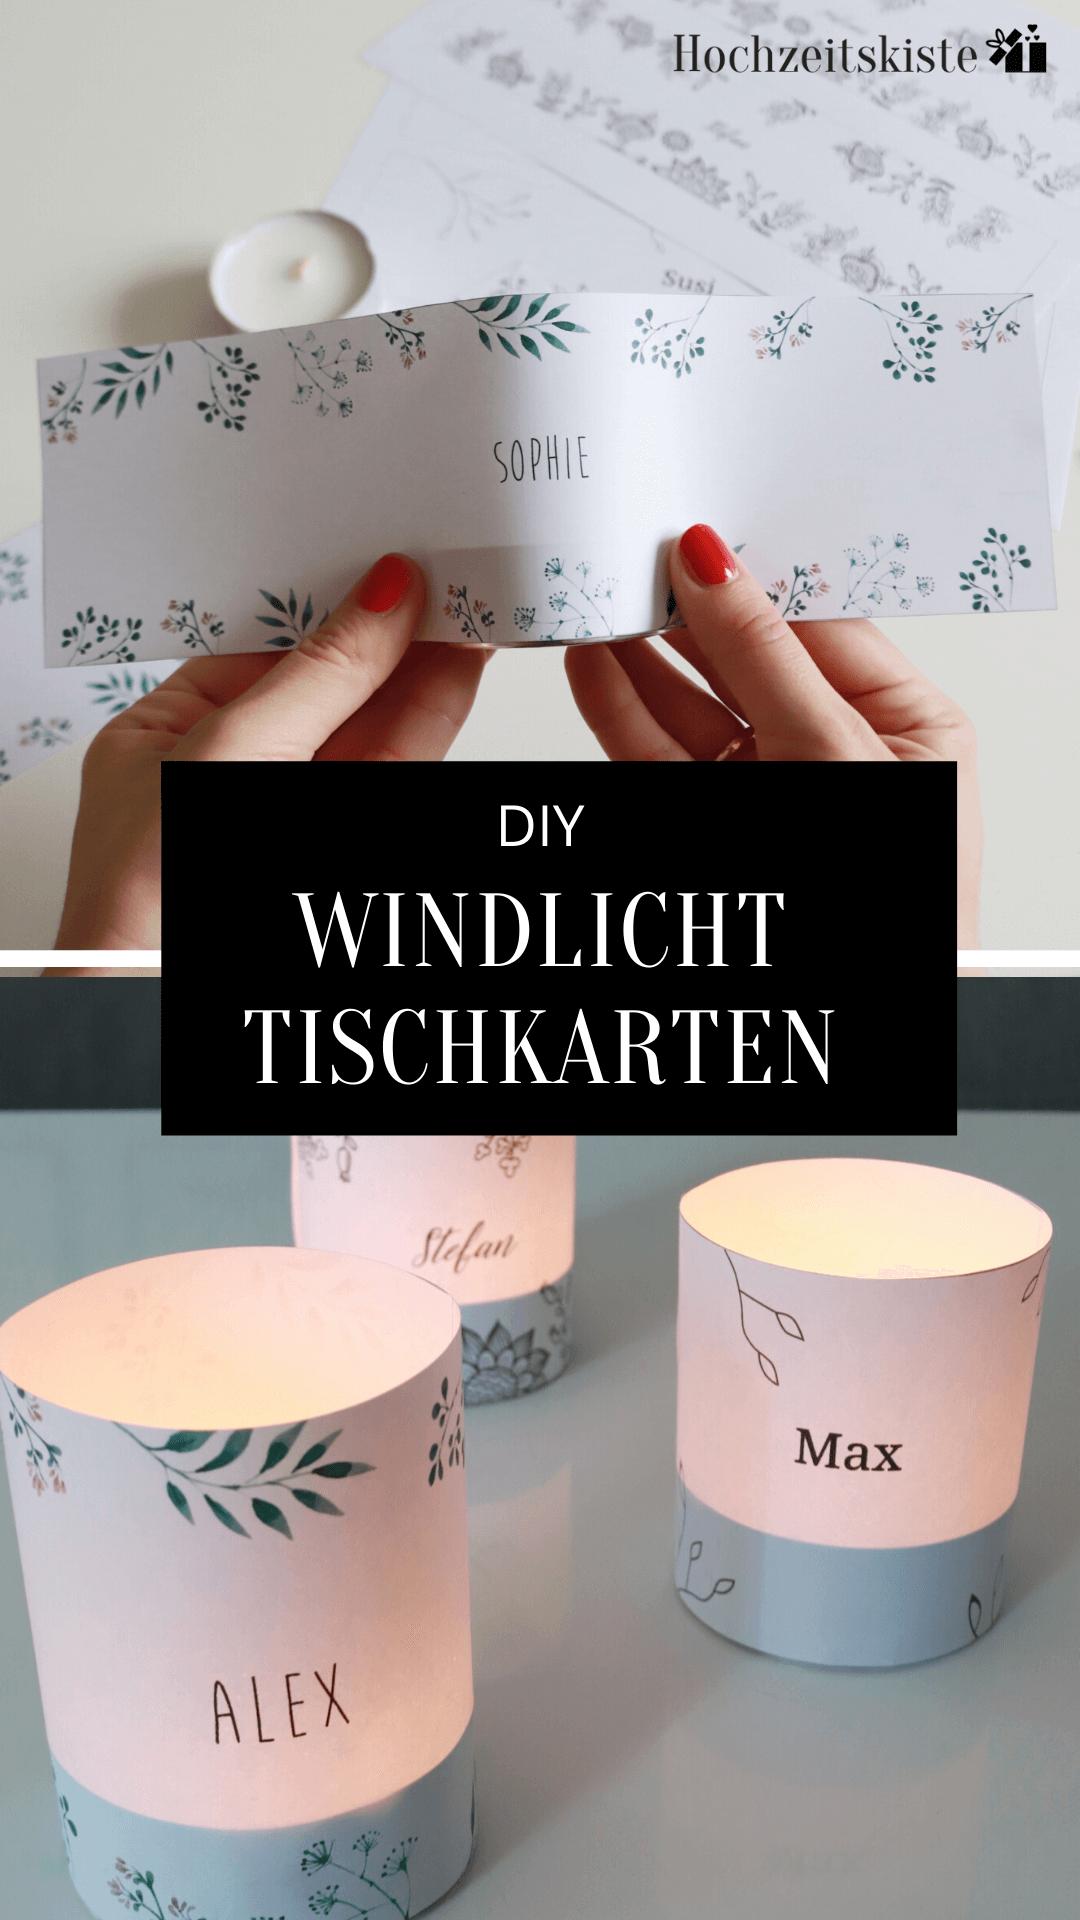 Windlicht Tischkarten zur Hochzeit